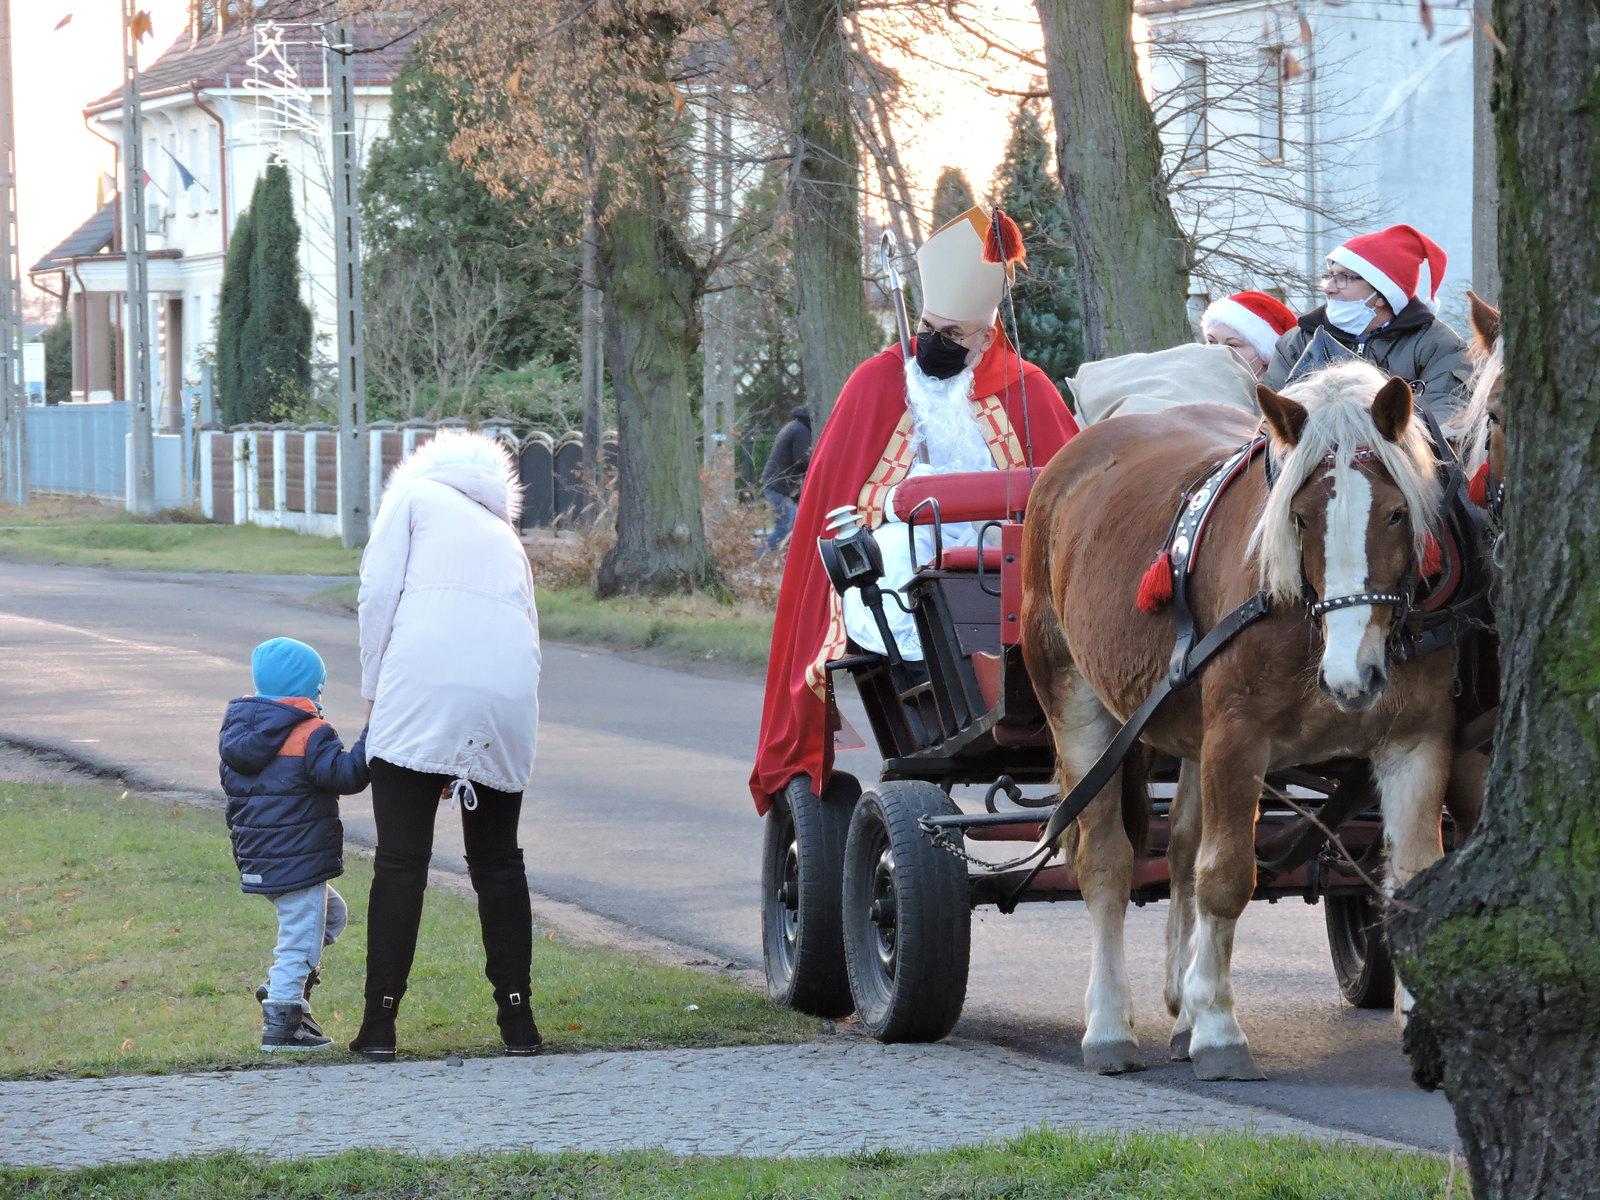 Dziecko odbiera prezent przy bryczce, na której siedzi św. Mikołaj